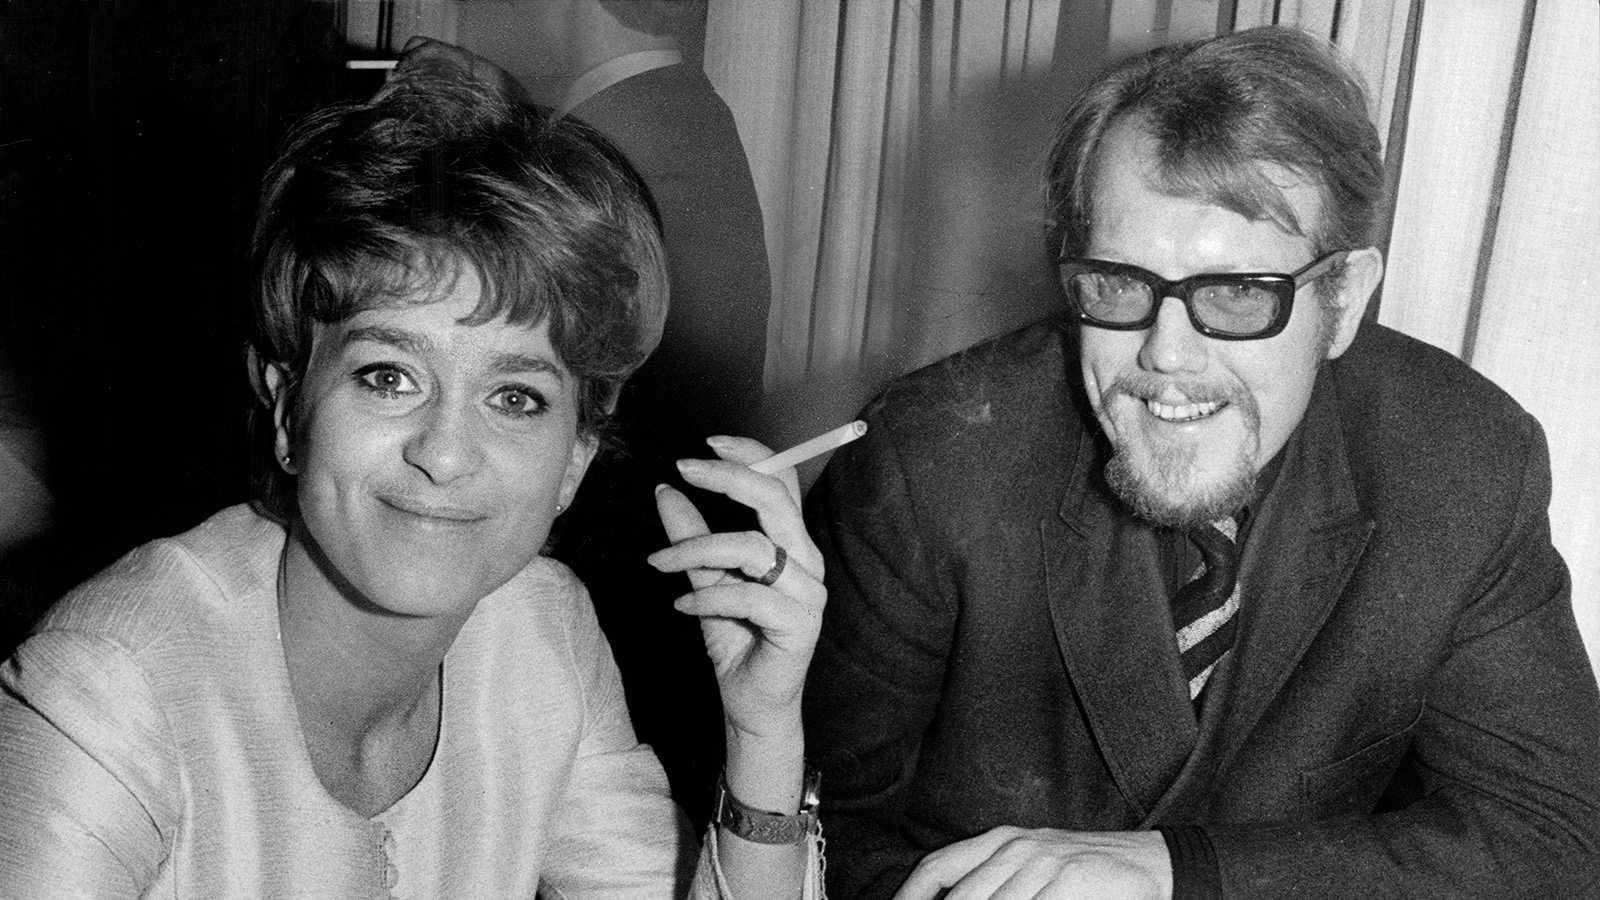 Siw Malmkvist med Svante Thuresson 1968.